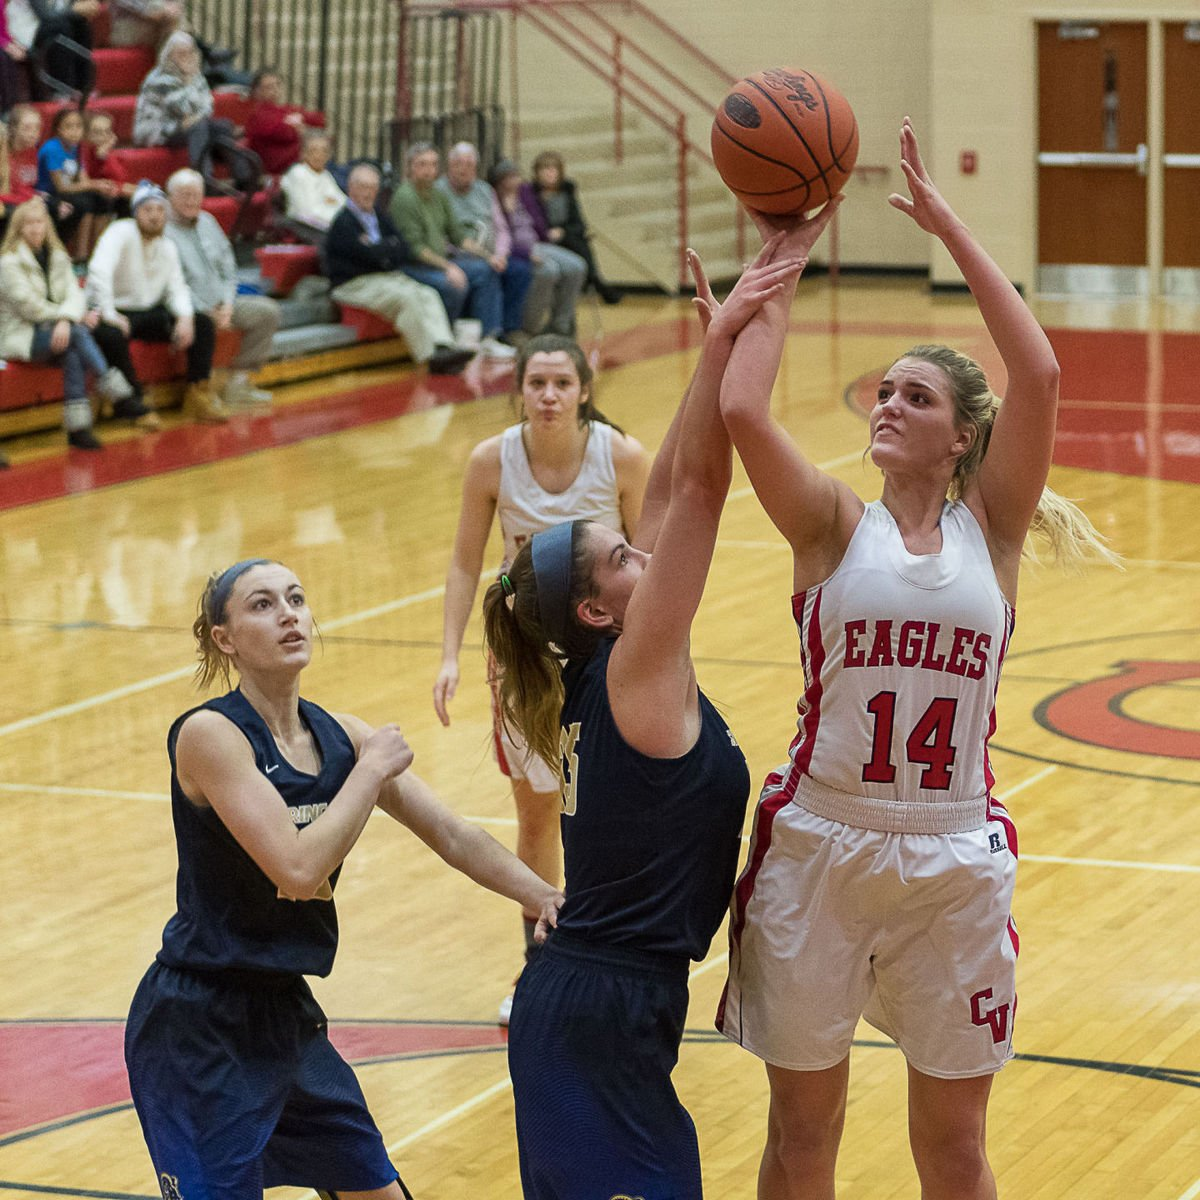 cv girls basketball   cv girlsbball